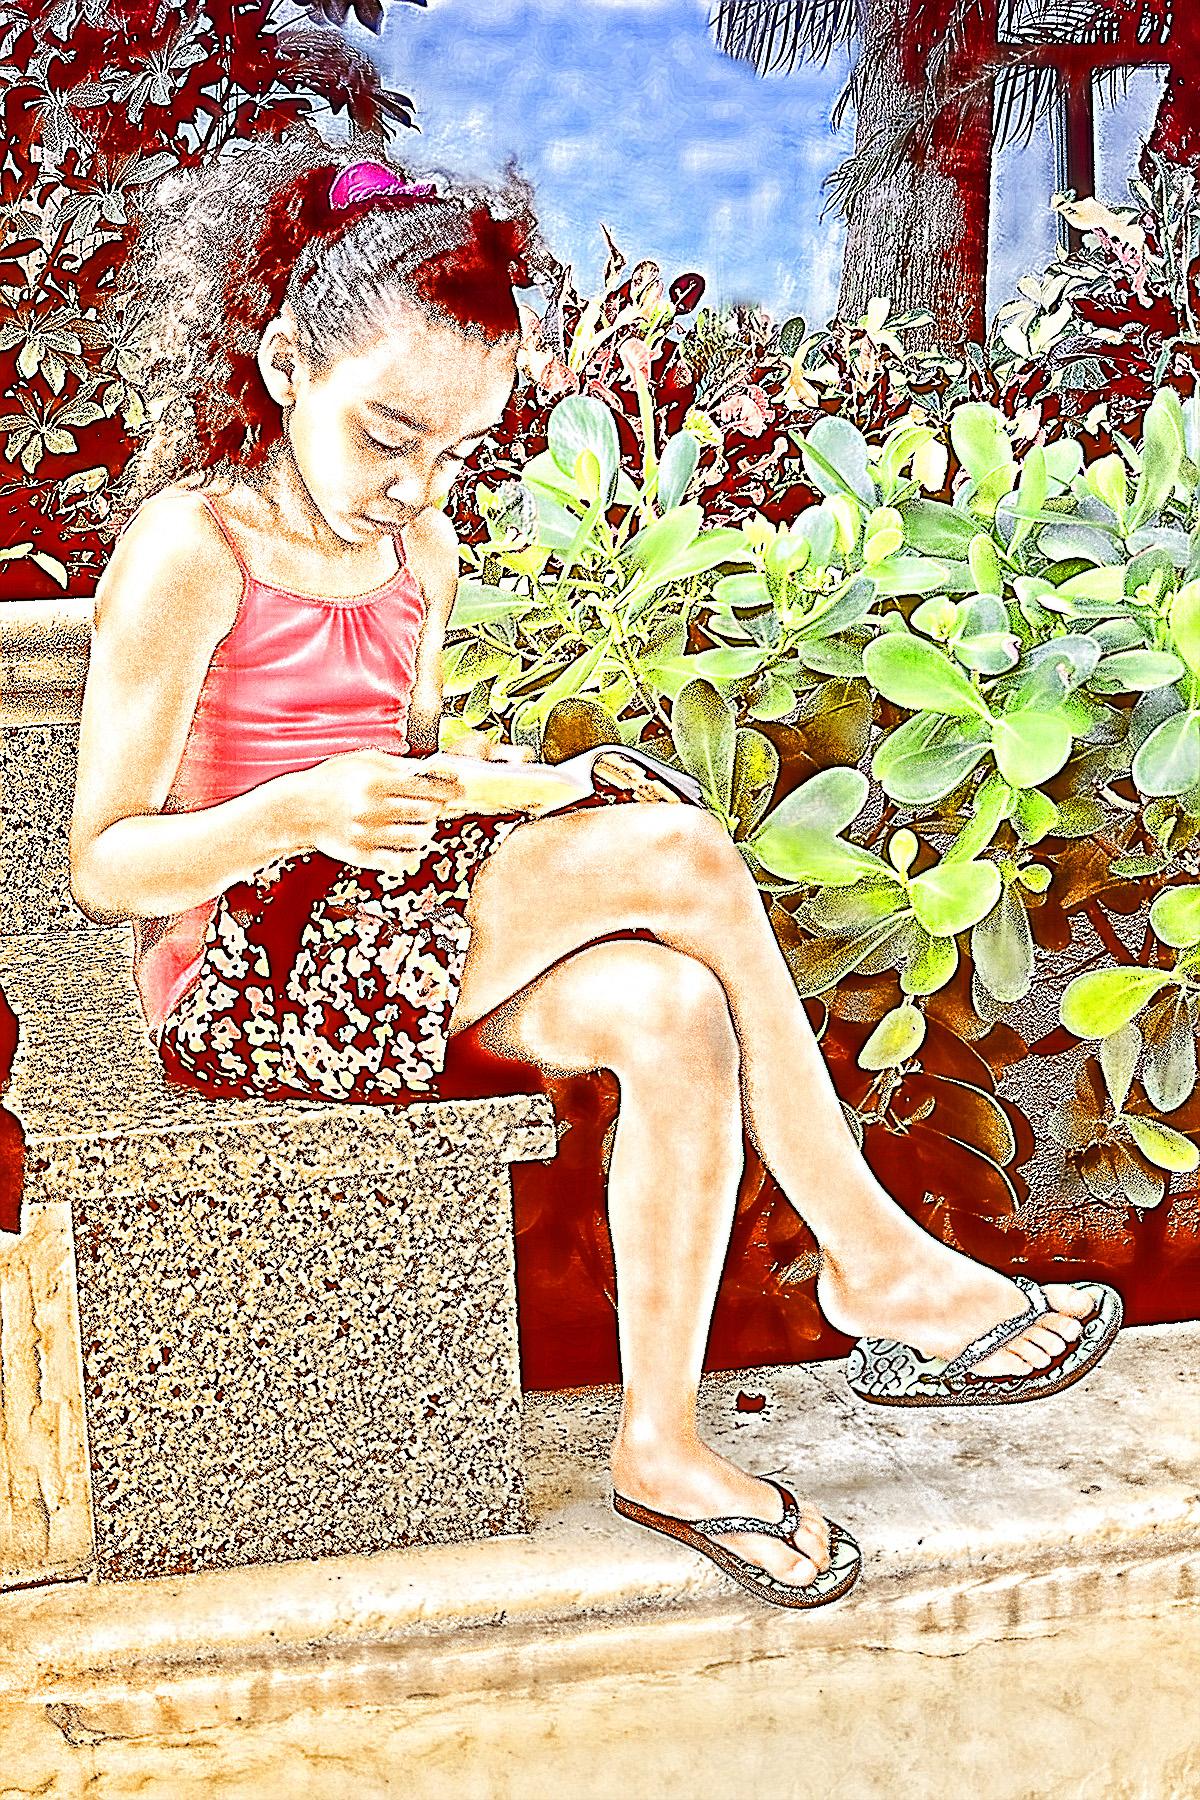 YaYa reading